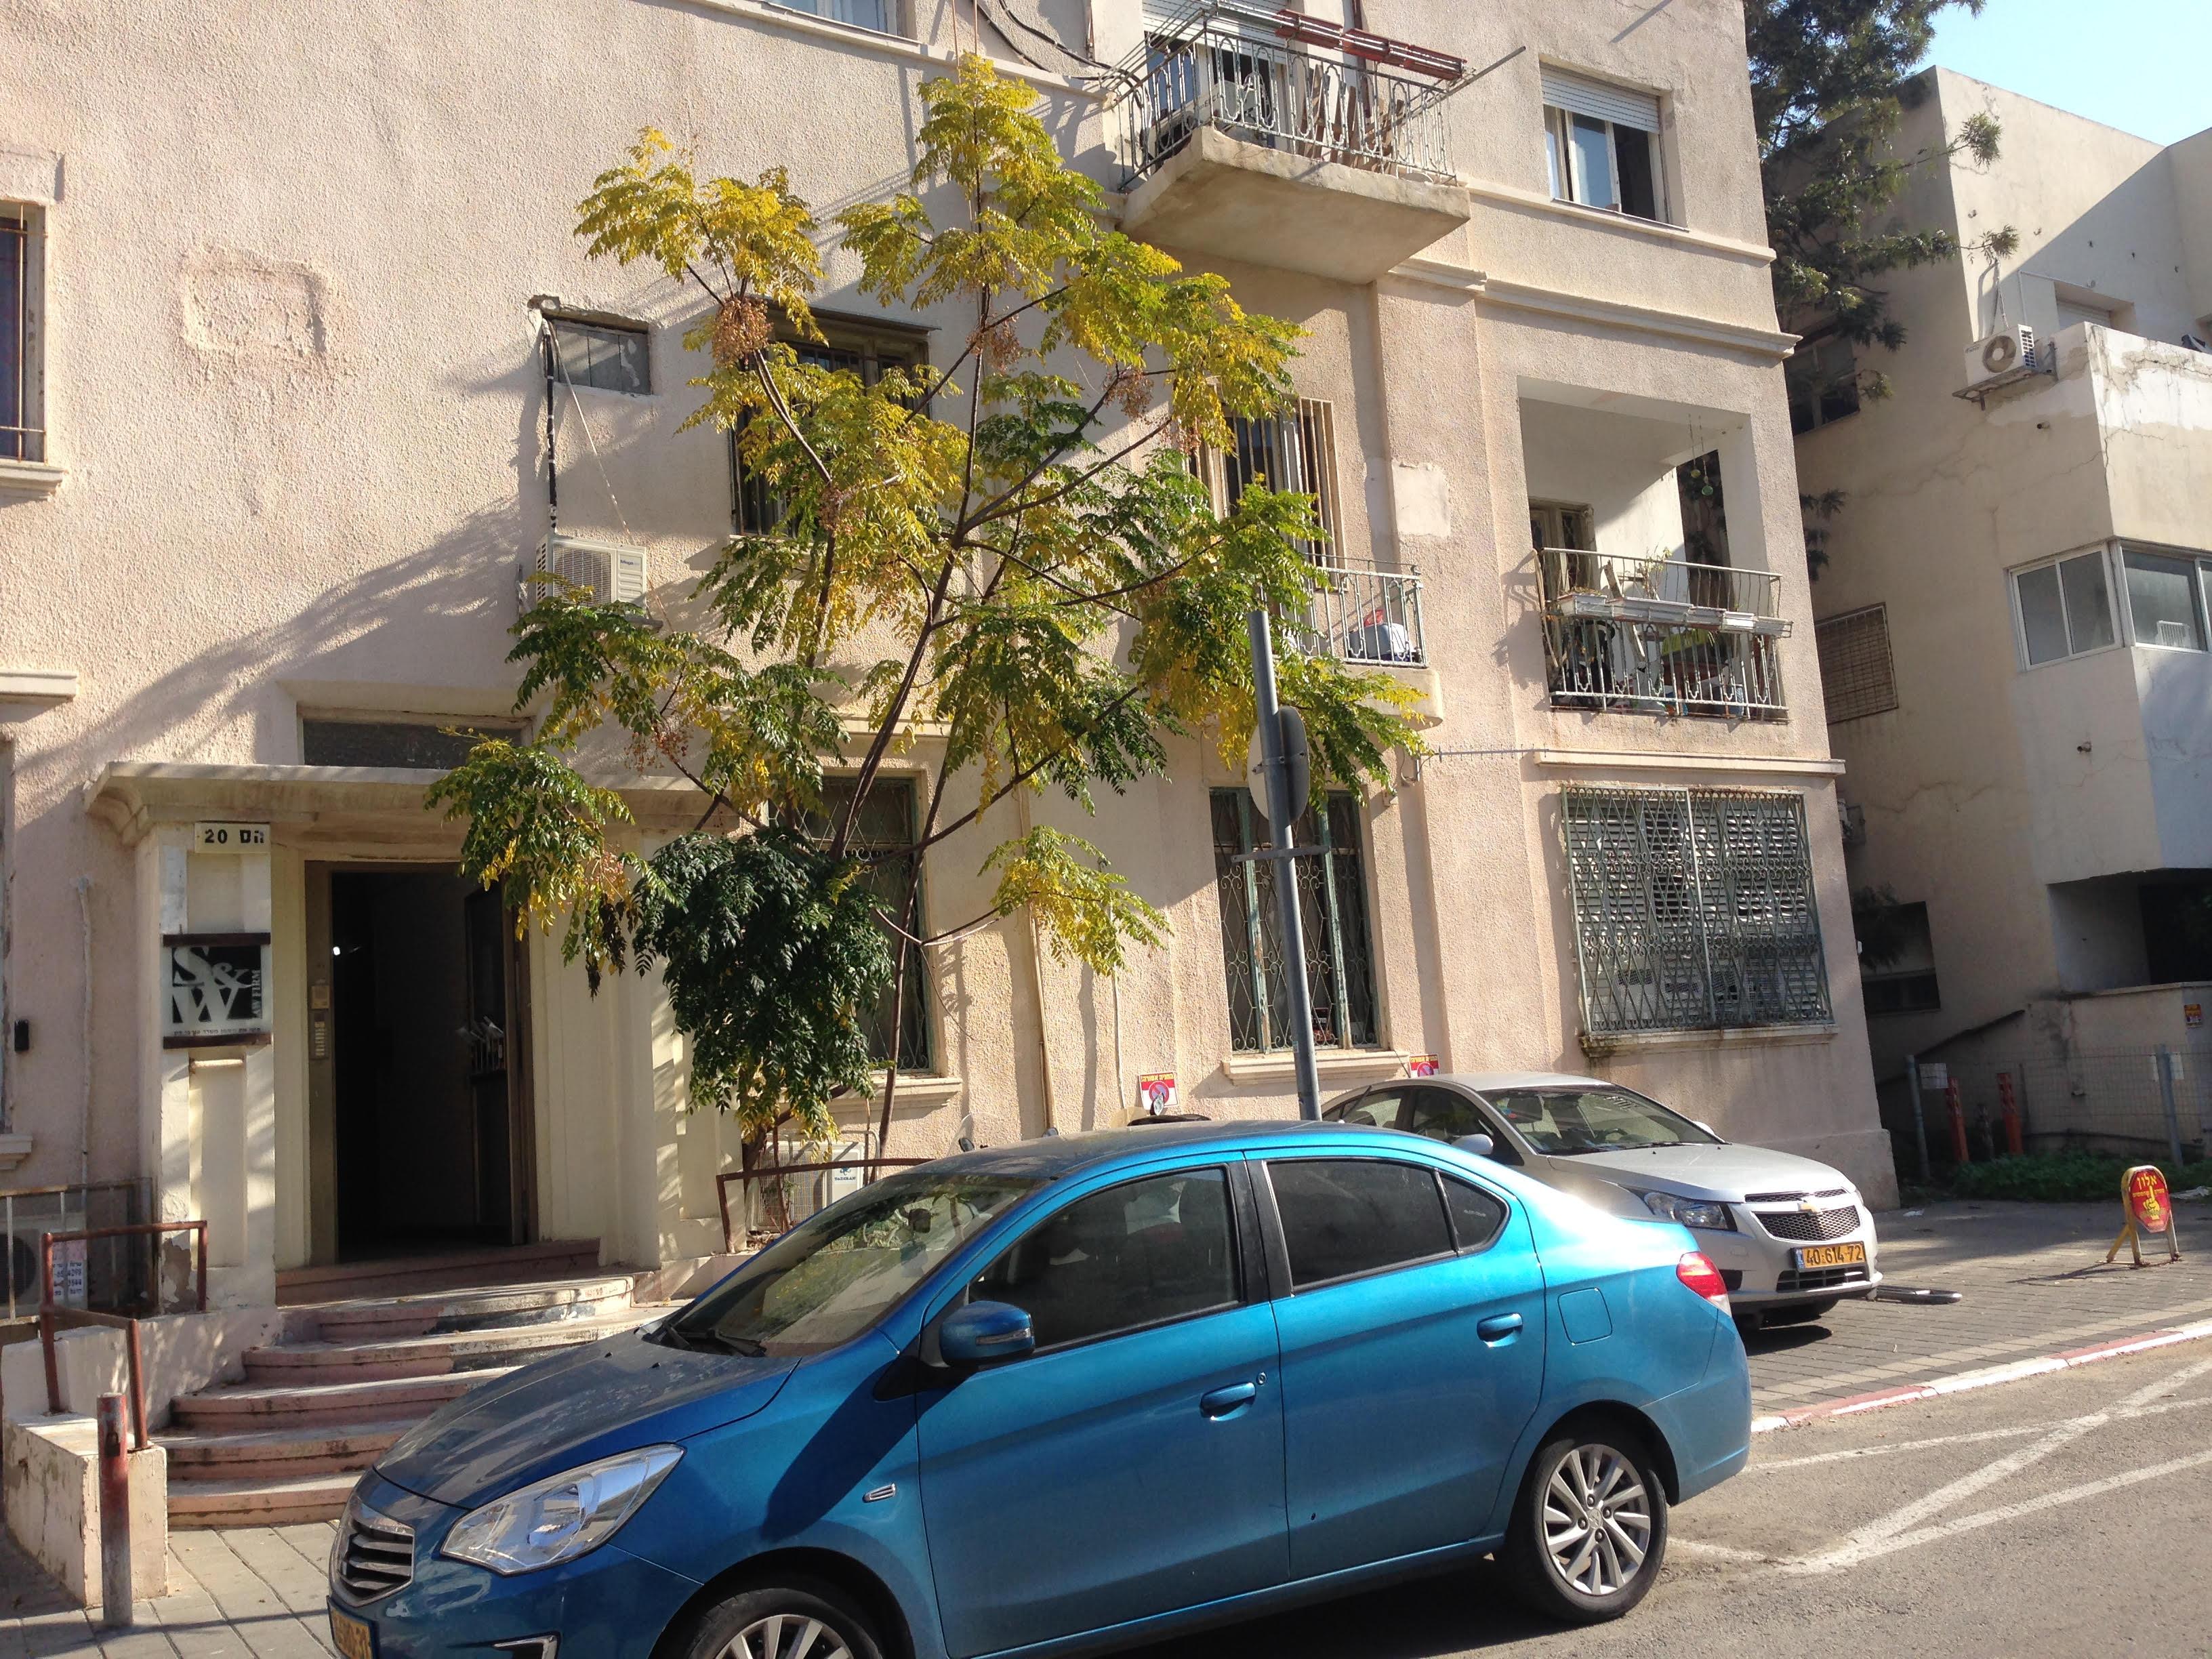 משרד עורכי דין בבניין מגורים, תל אביב. אילוסטרציה (צילום: המעבדה לעיצוב עירוני)